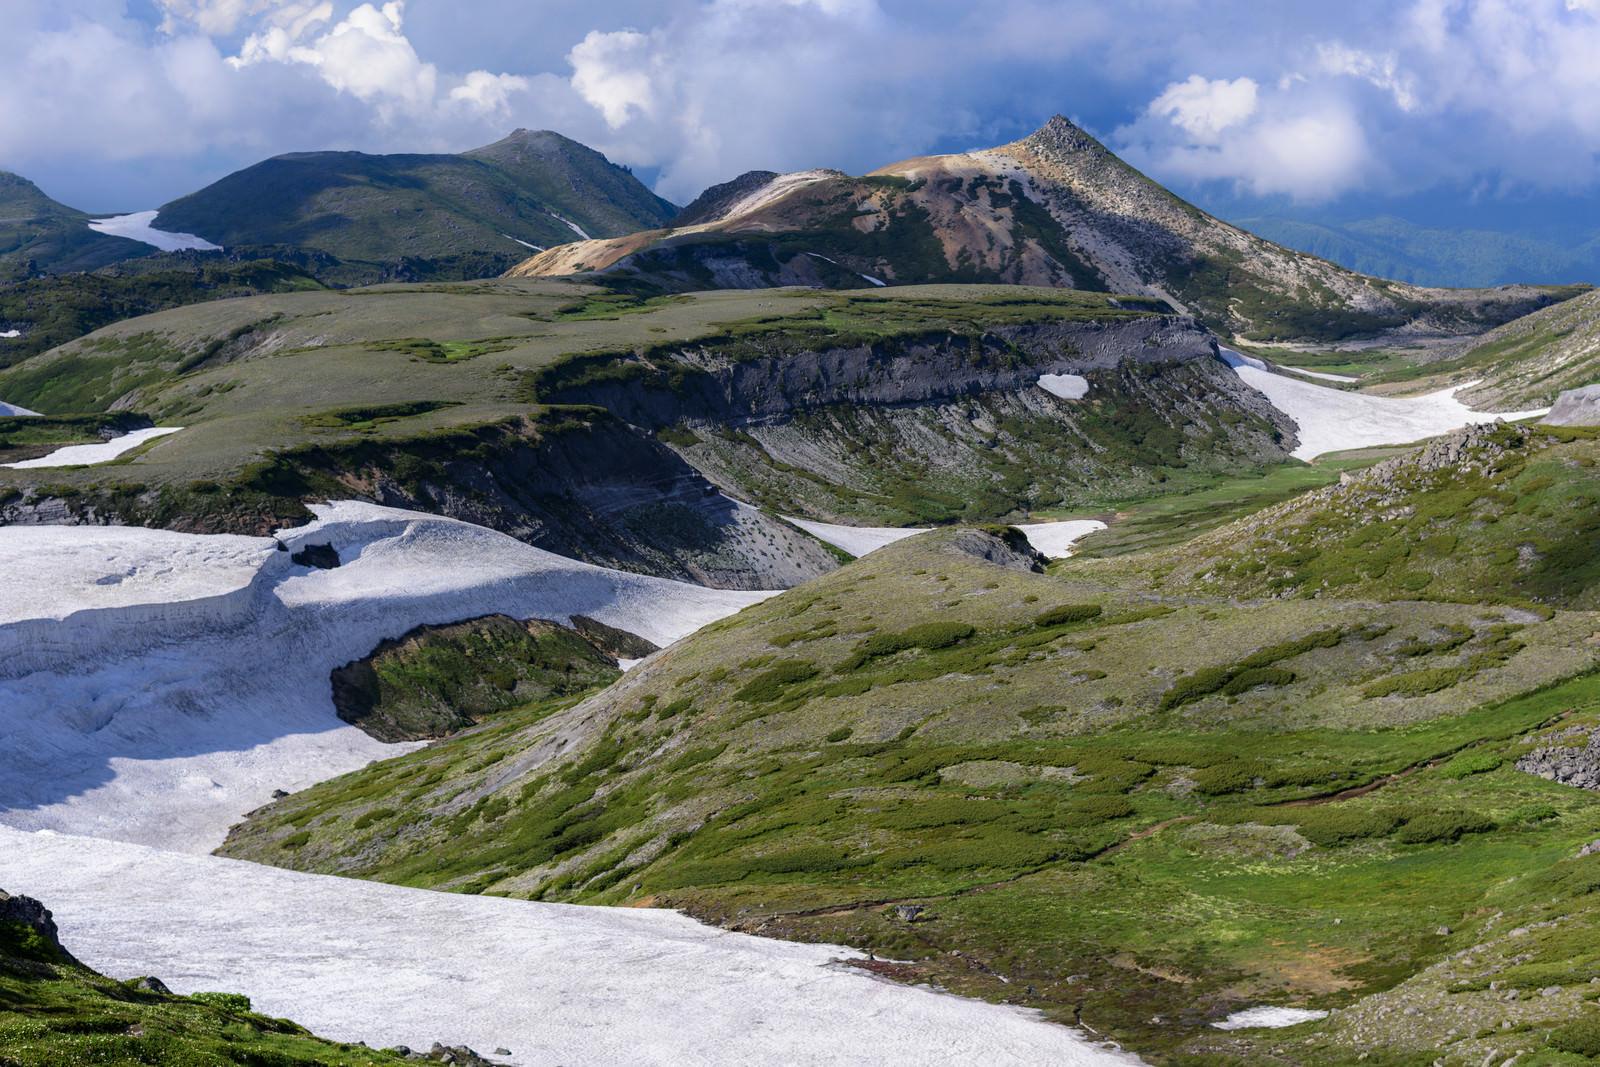 「大雪山の割れた大地と雪渓」の写真